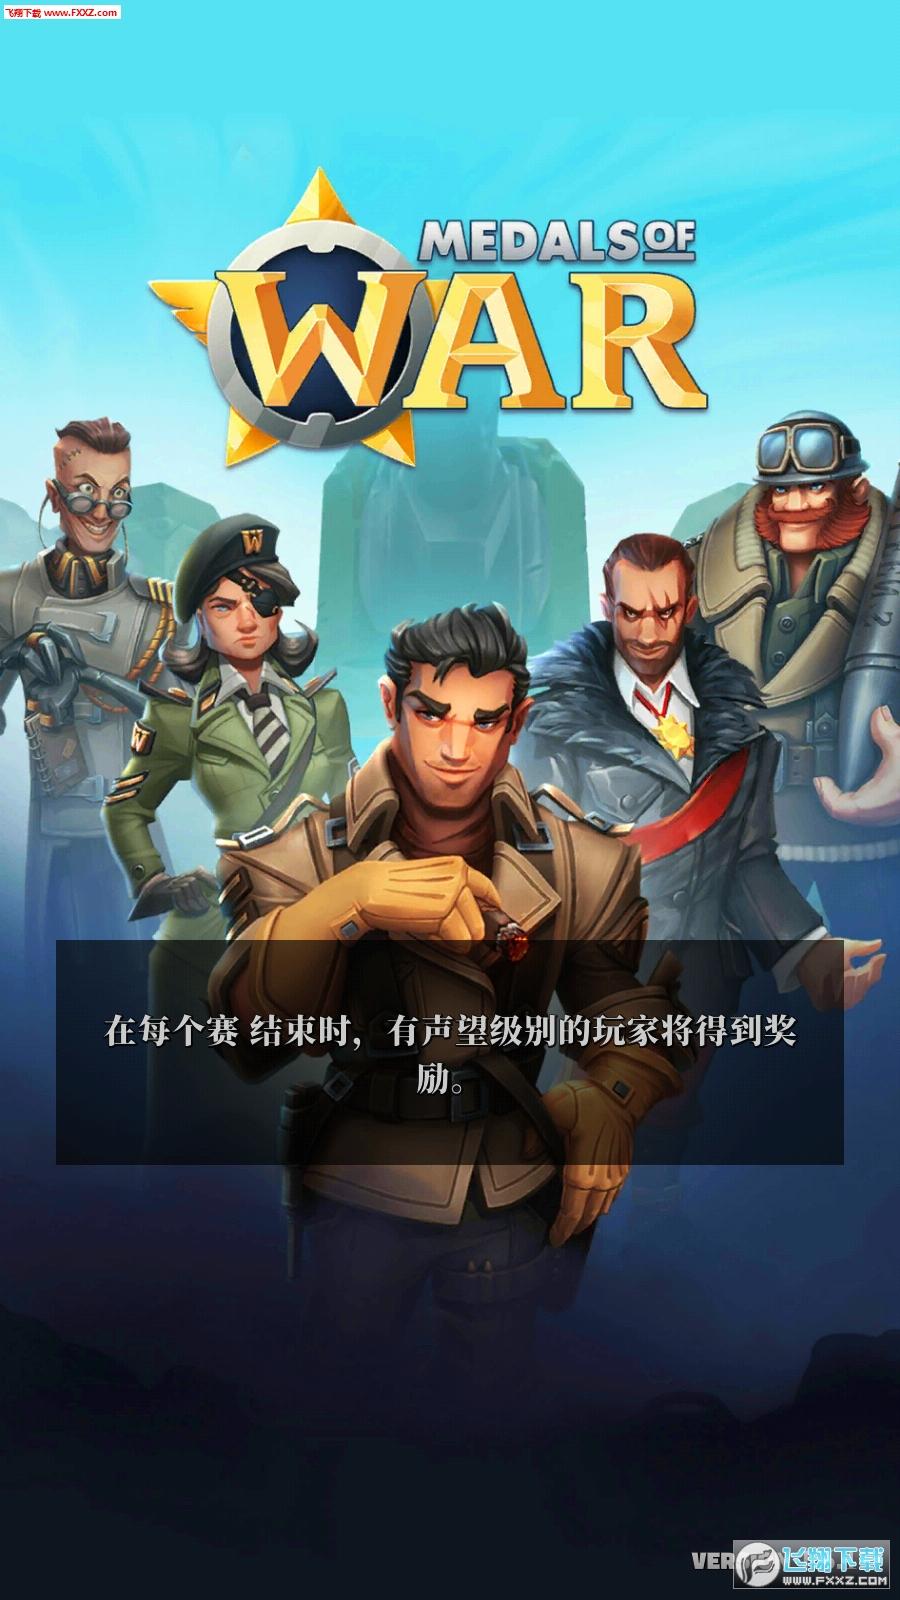 战争奖章安卓版1.6.1截图1